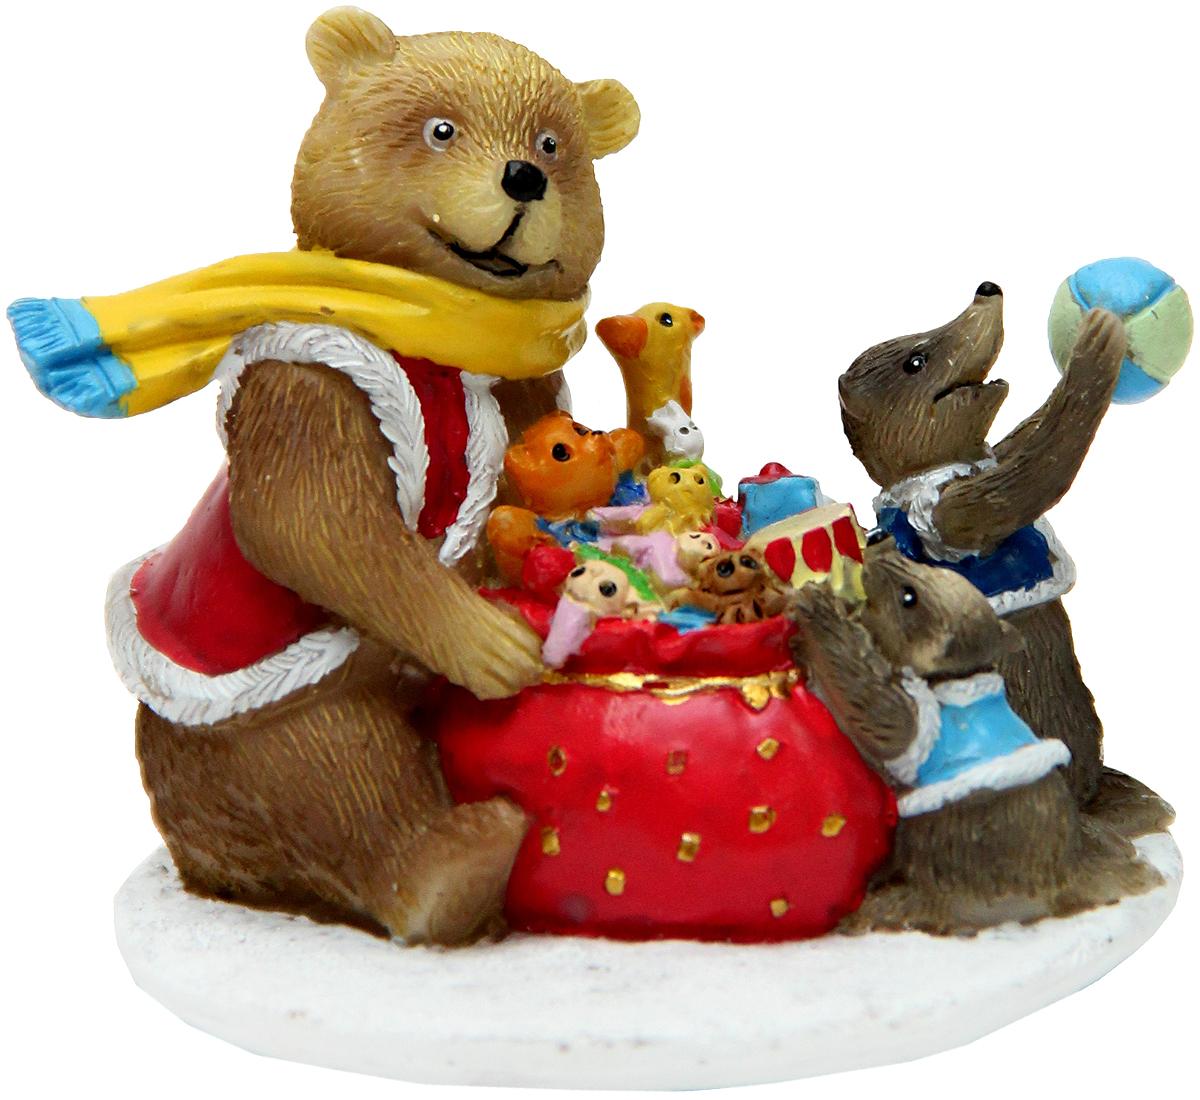 Украшение новогоднее подвесное Феникс-Презент Медвежонок и еноты, с фигуркой внутри, 11 х 12 х 9,5 см1.645-504.0Новогоднее подвесное украшение Феникс-Презент Медвежонок и еноты изготовлено из полирезины и стекла. Изделие выполнено в виде шара с фигуркой внутри. С помощью специальной петельки украшение можно повесить в любом понравившемся вам месте. Но, конечно, удачнее всего оно будет смотреться на праздничной елке.Елочная игрушка - символ Нового года. Она несет в себе волшебство и красоту праздника. Создайте в своем доме атмосферу веселья и радости, украшая новогоднюю елку нарядными игрушками, которые будут из года в год накапливать теплоту воспоминаний.